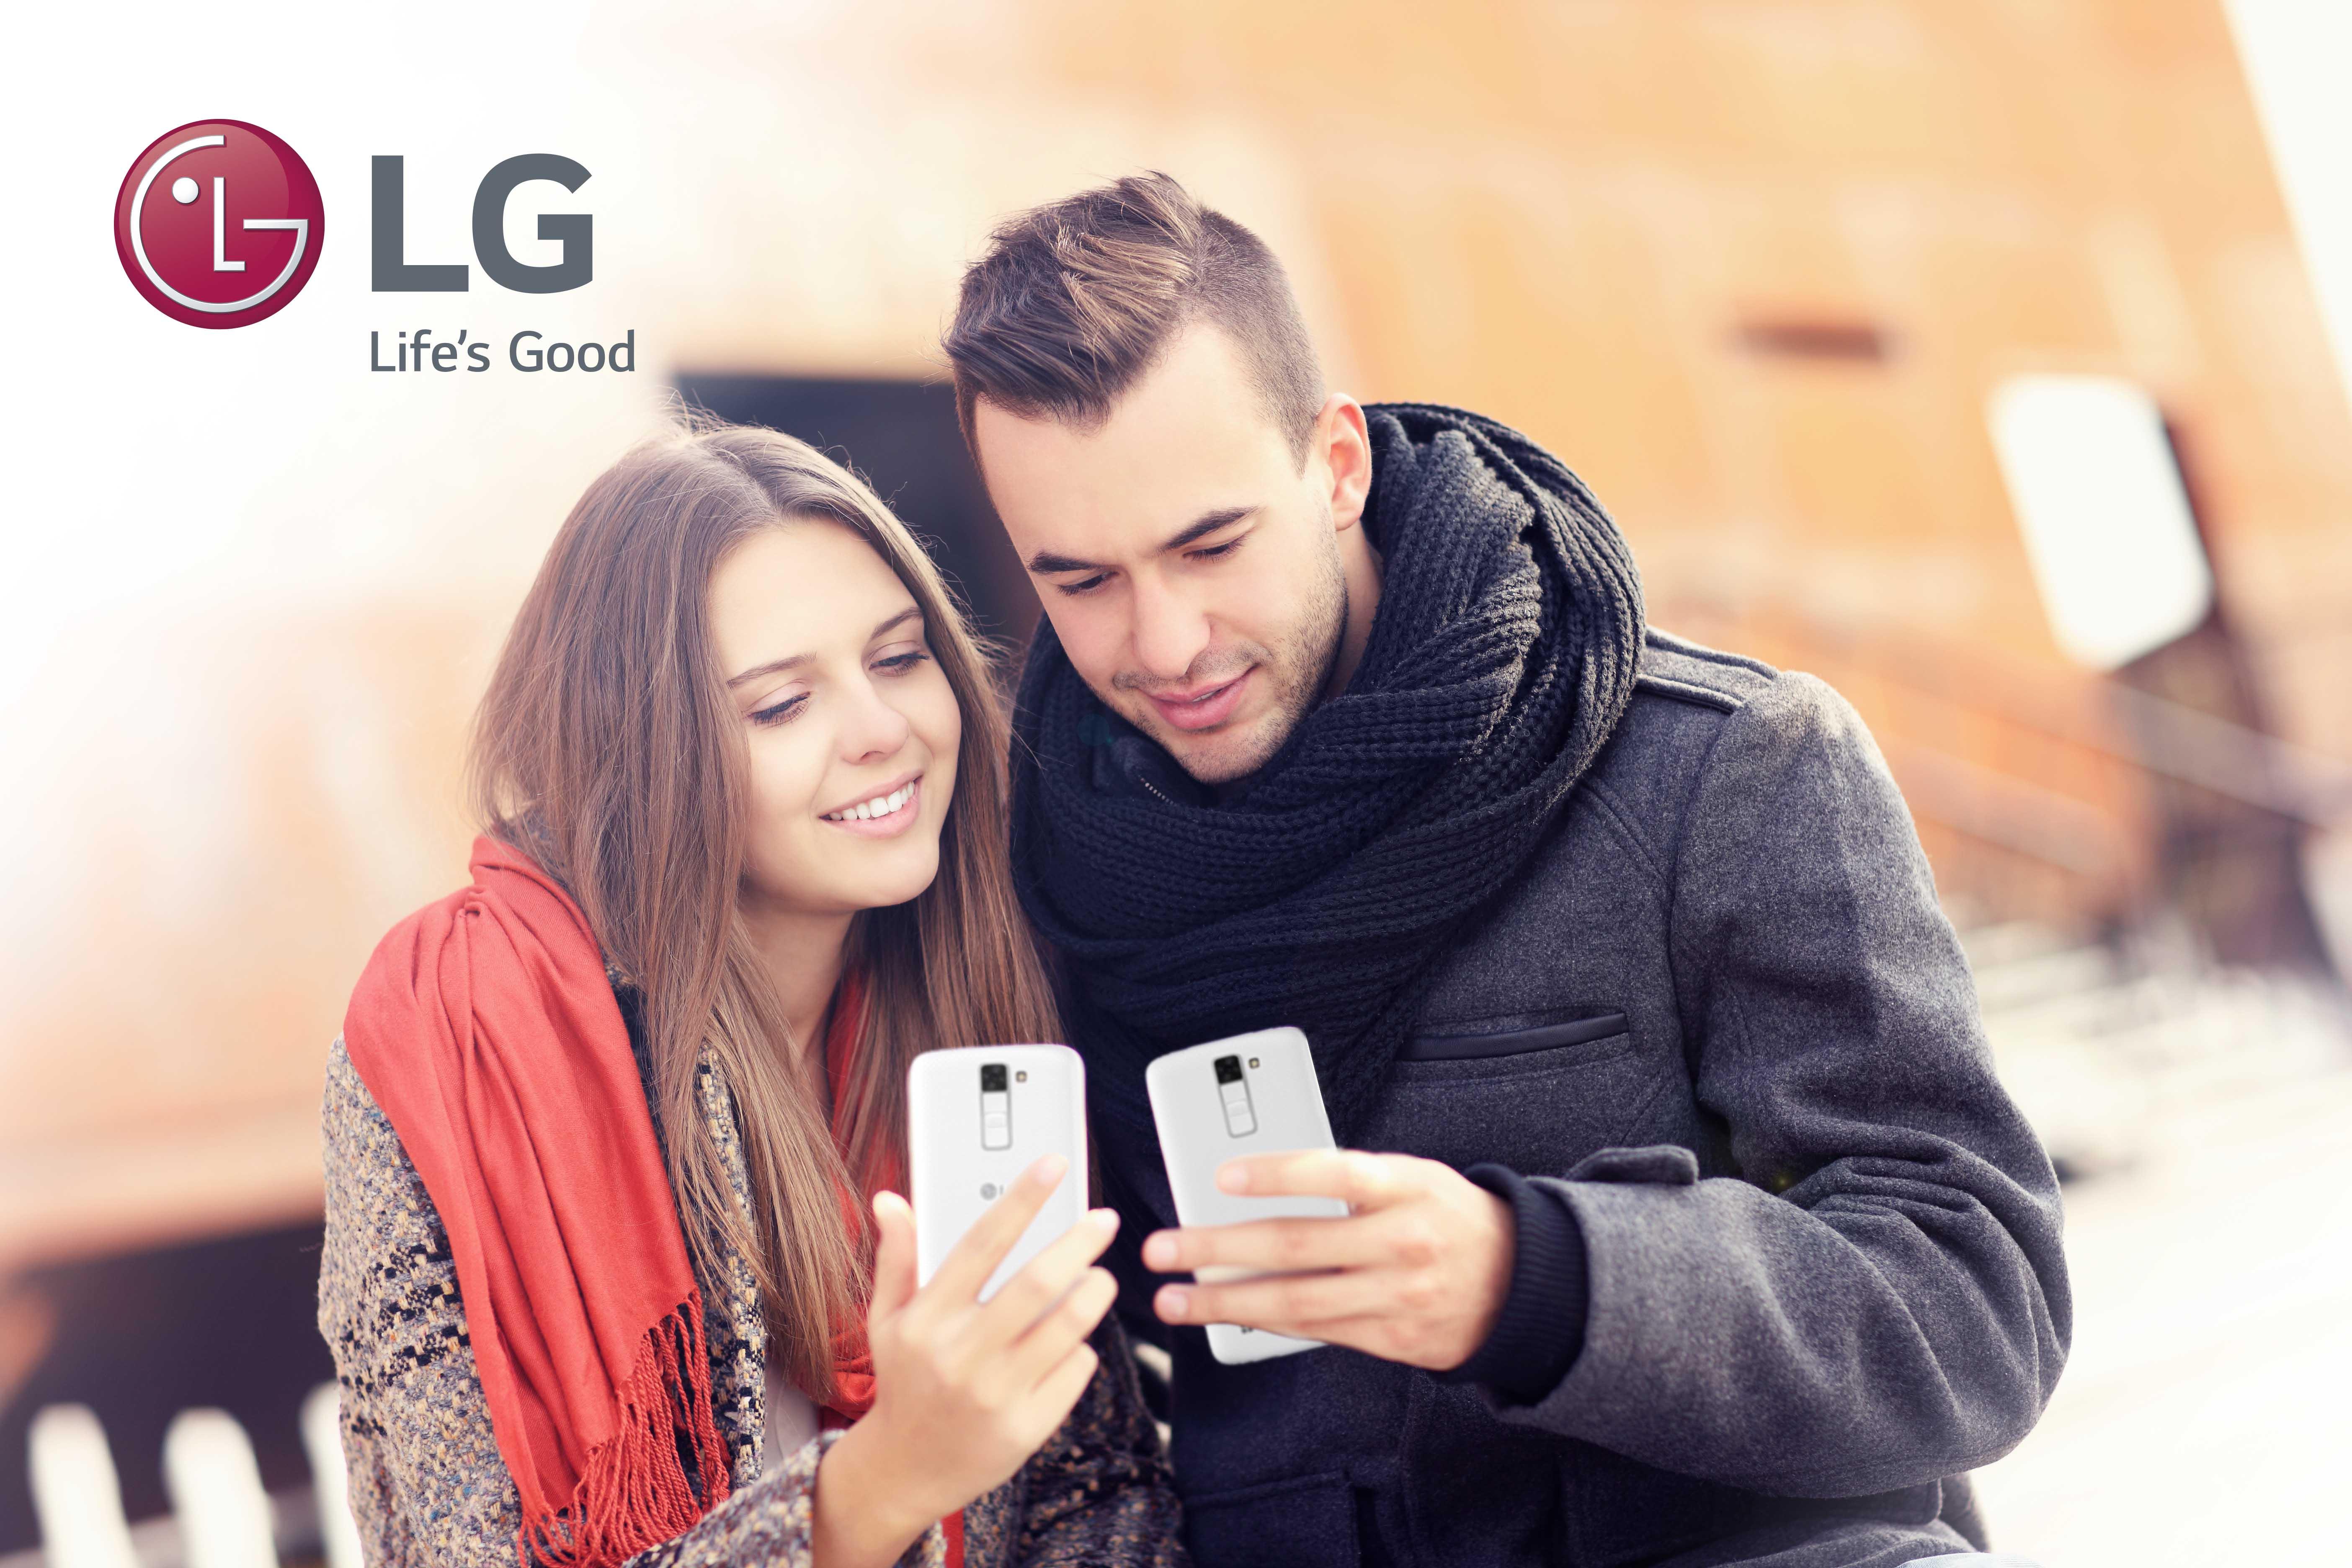 LG lanza nueva línea de Smartphones pensada para jóvenes